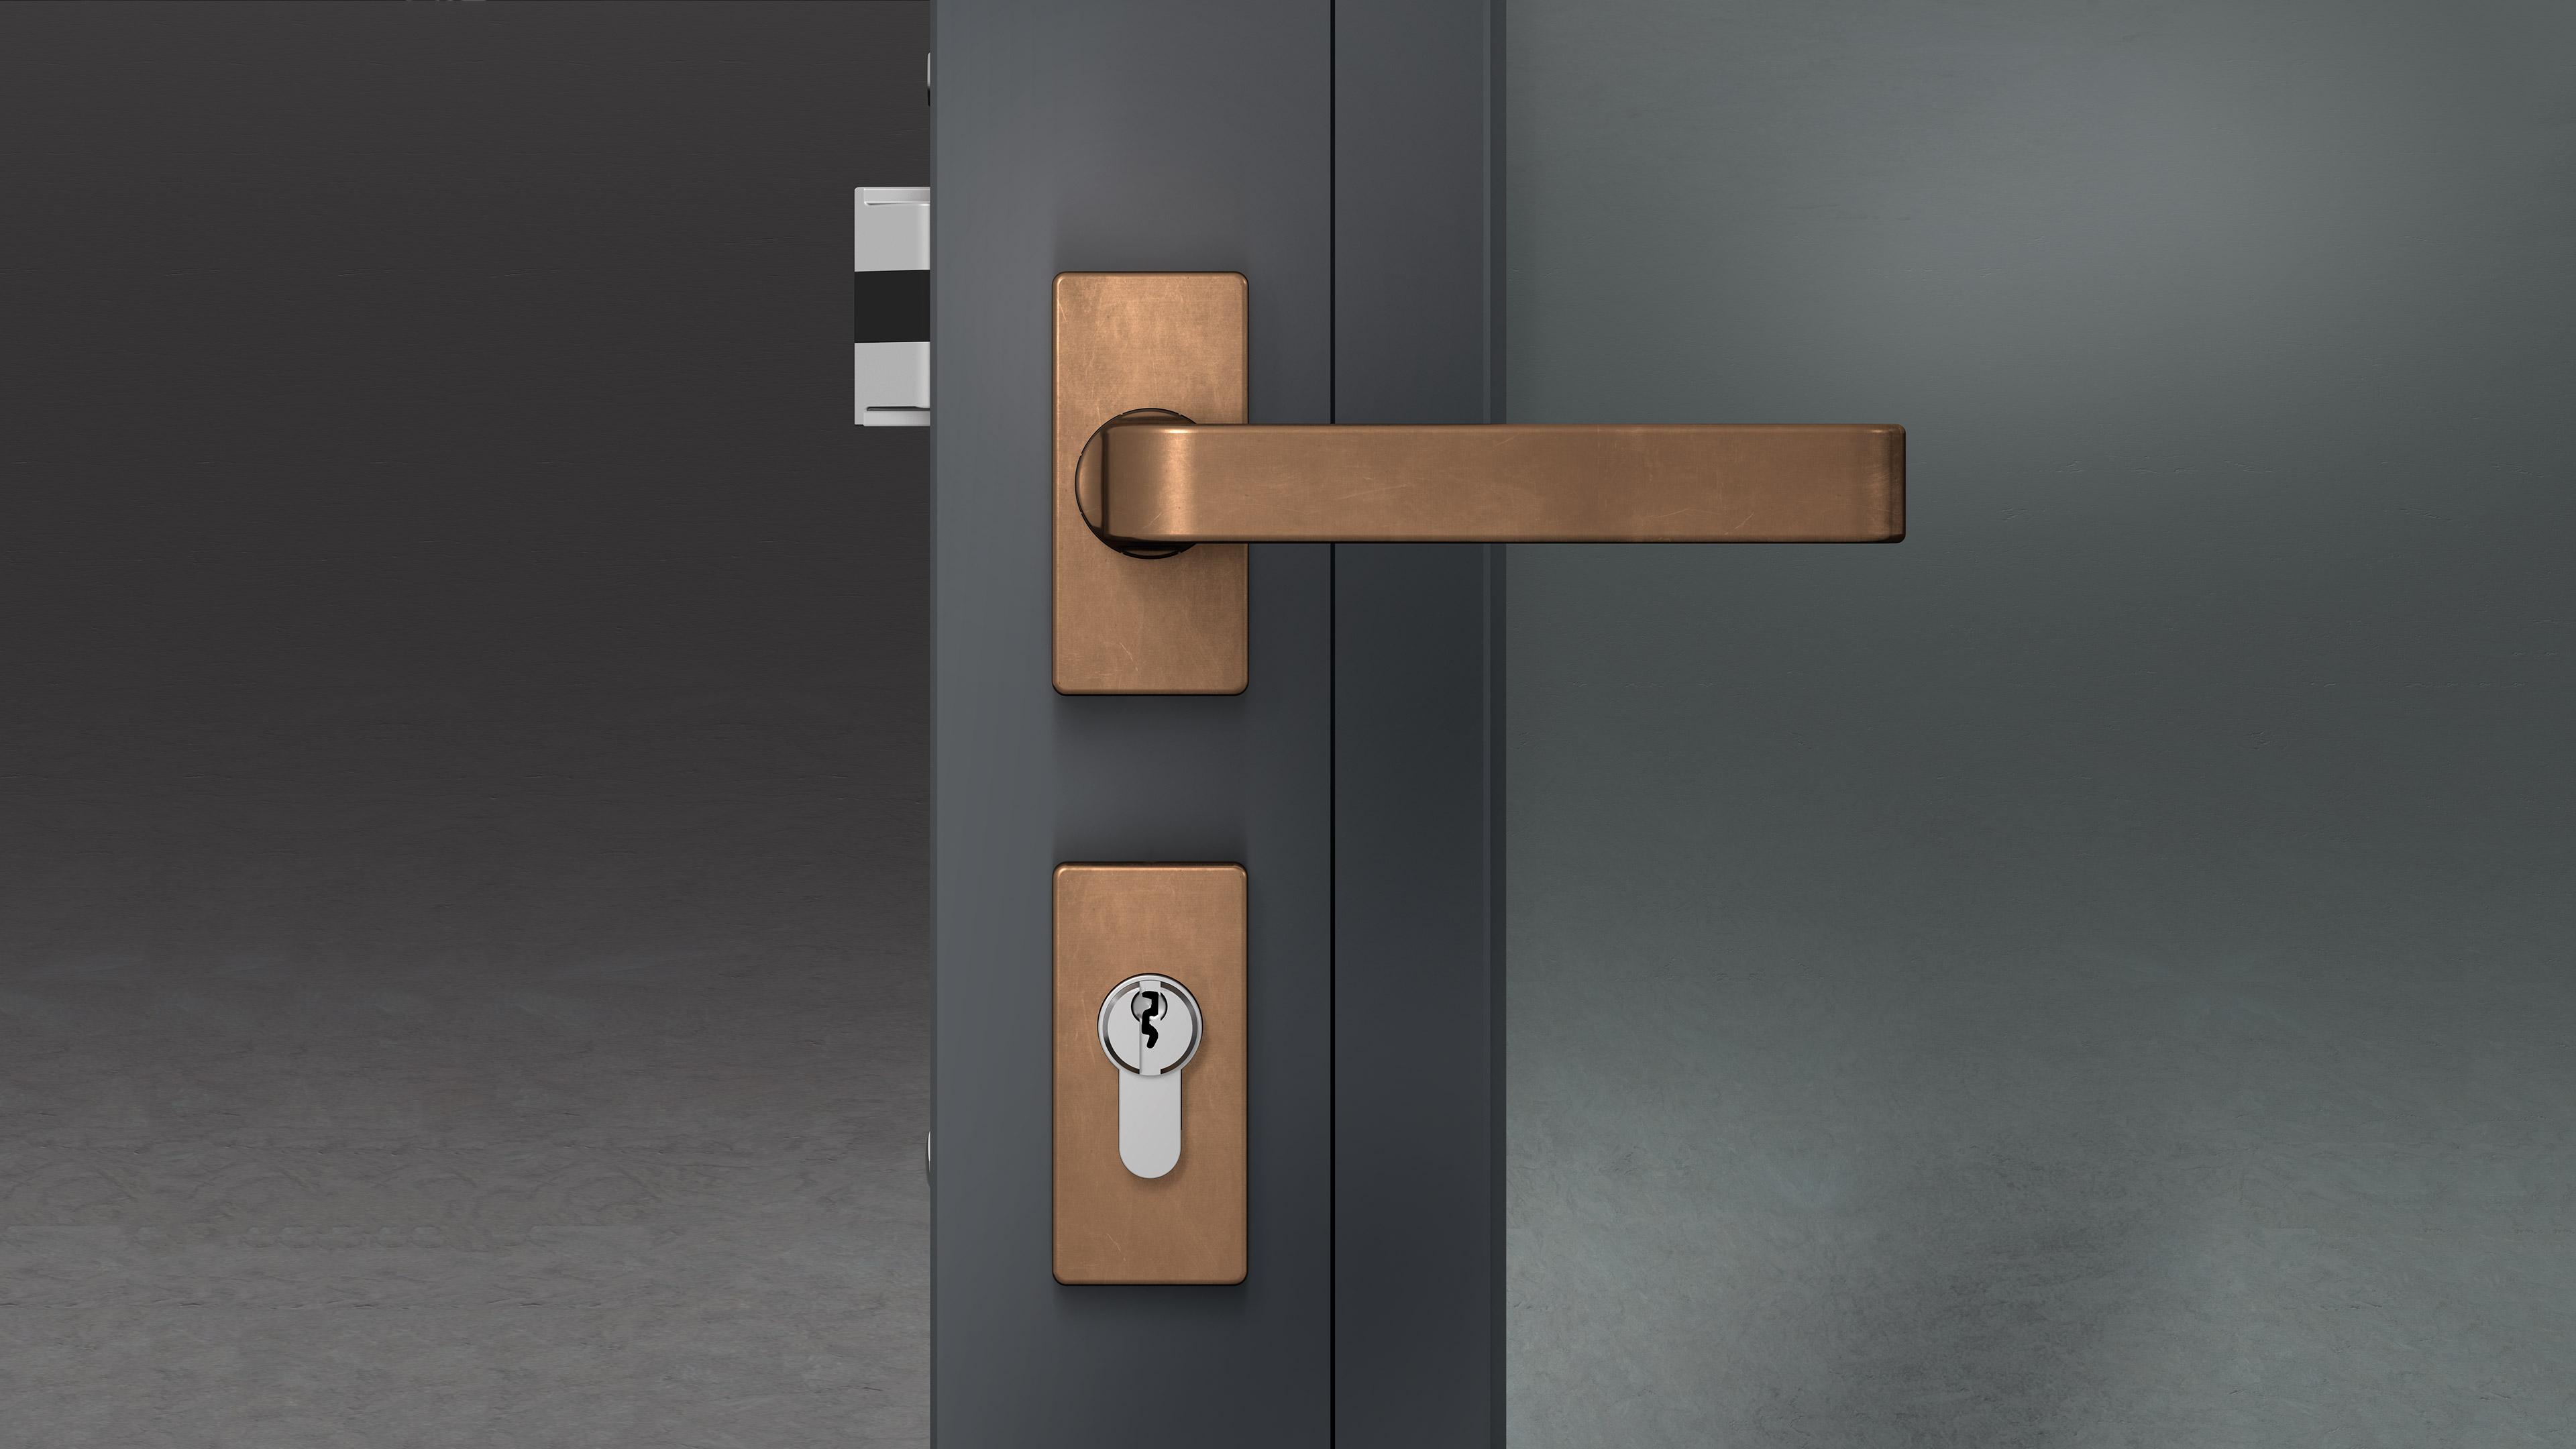 Fsb Narrow Stile Door Hardware